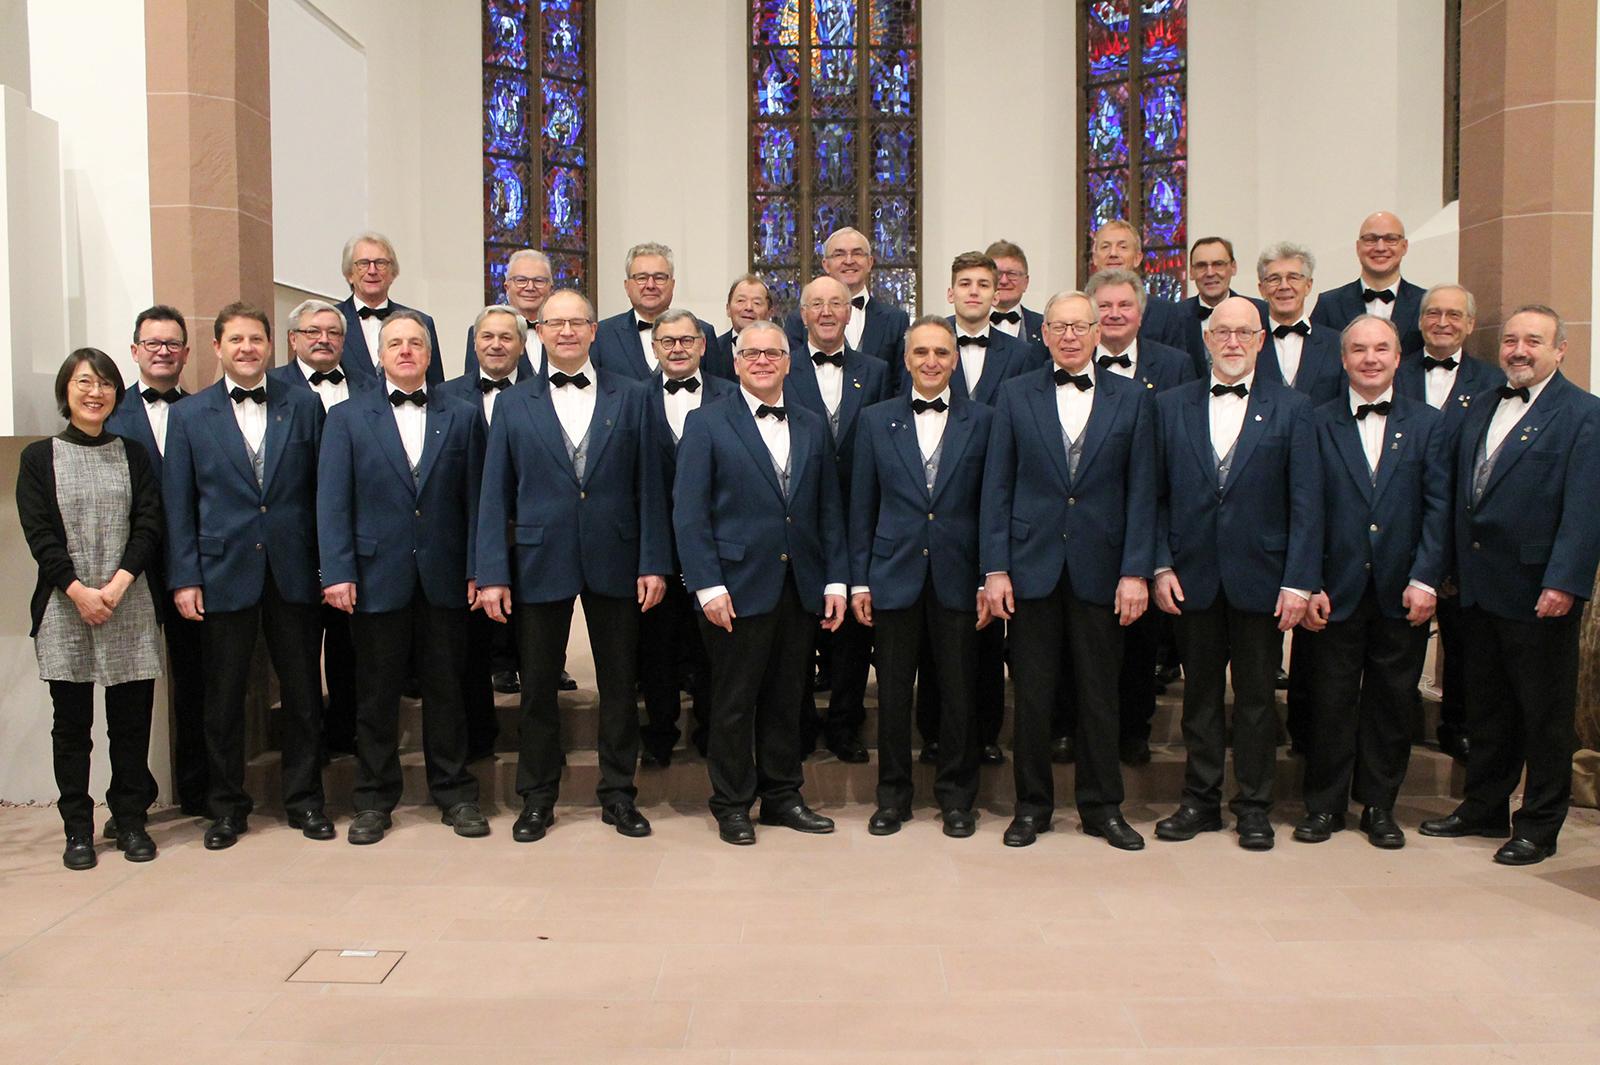 MGV, Männergesangverein, Silberbrunnen-Eintracht, Bahlingen,